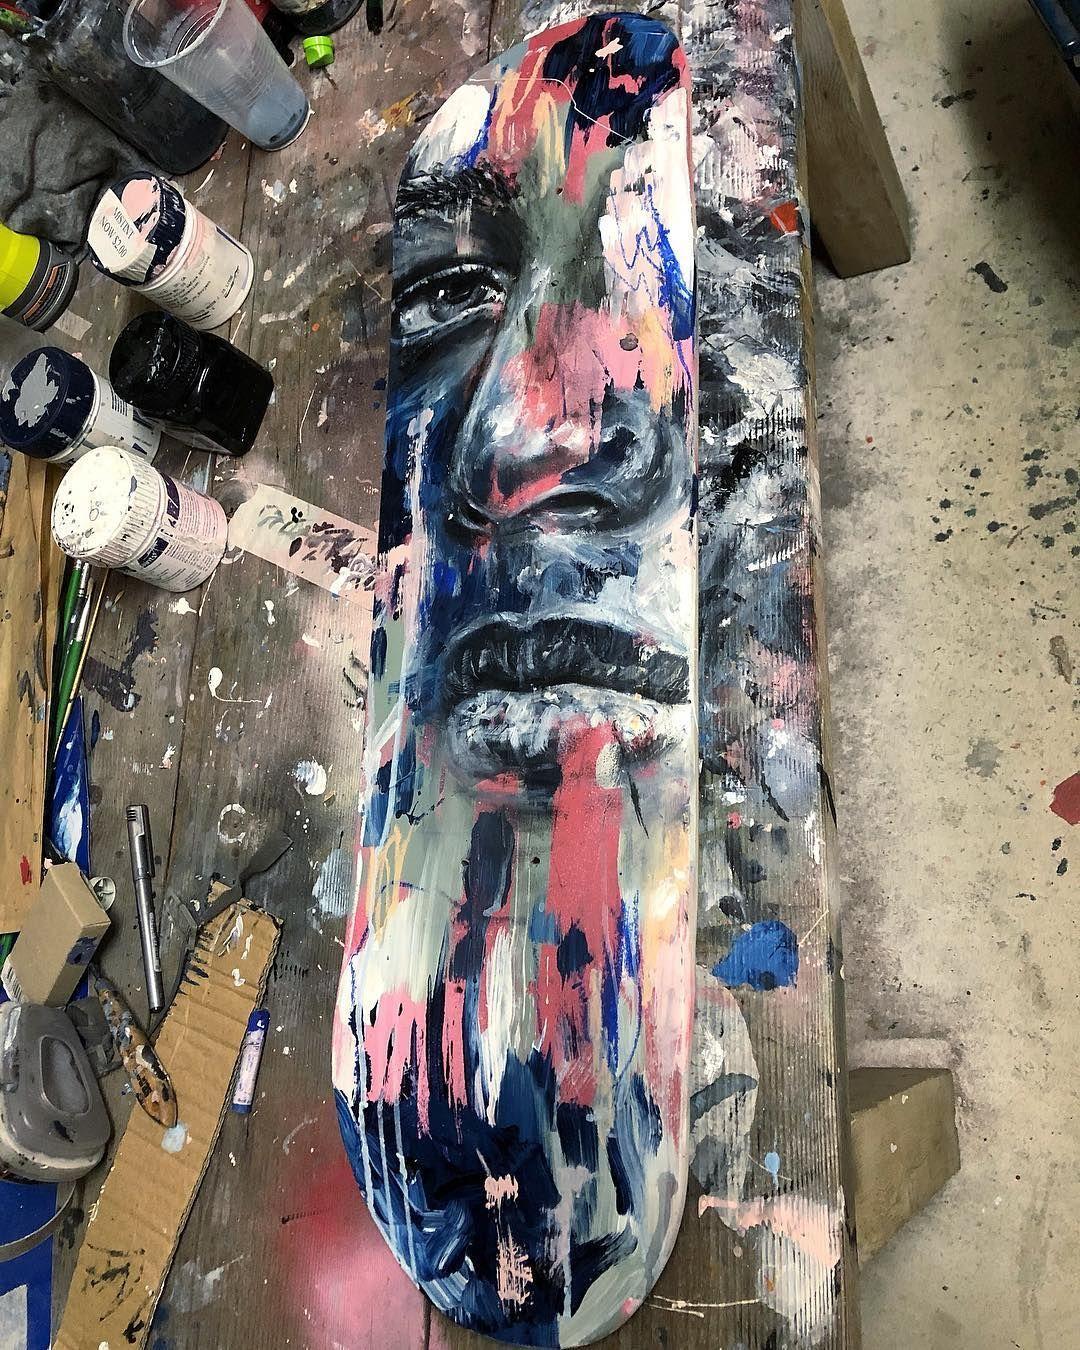 """Dean Sunderland on Instagram: """"Skateboard paints this"""